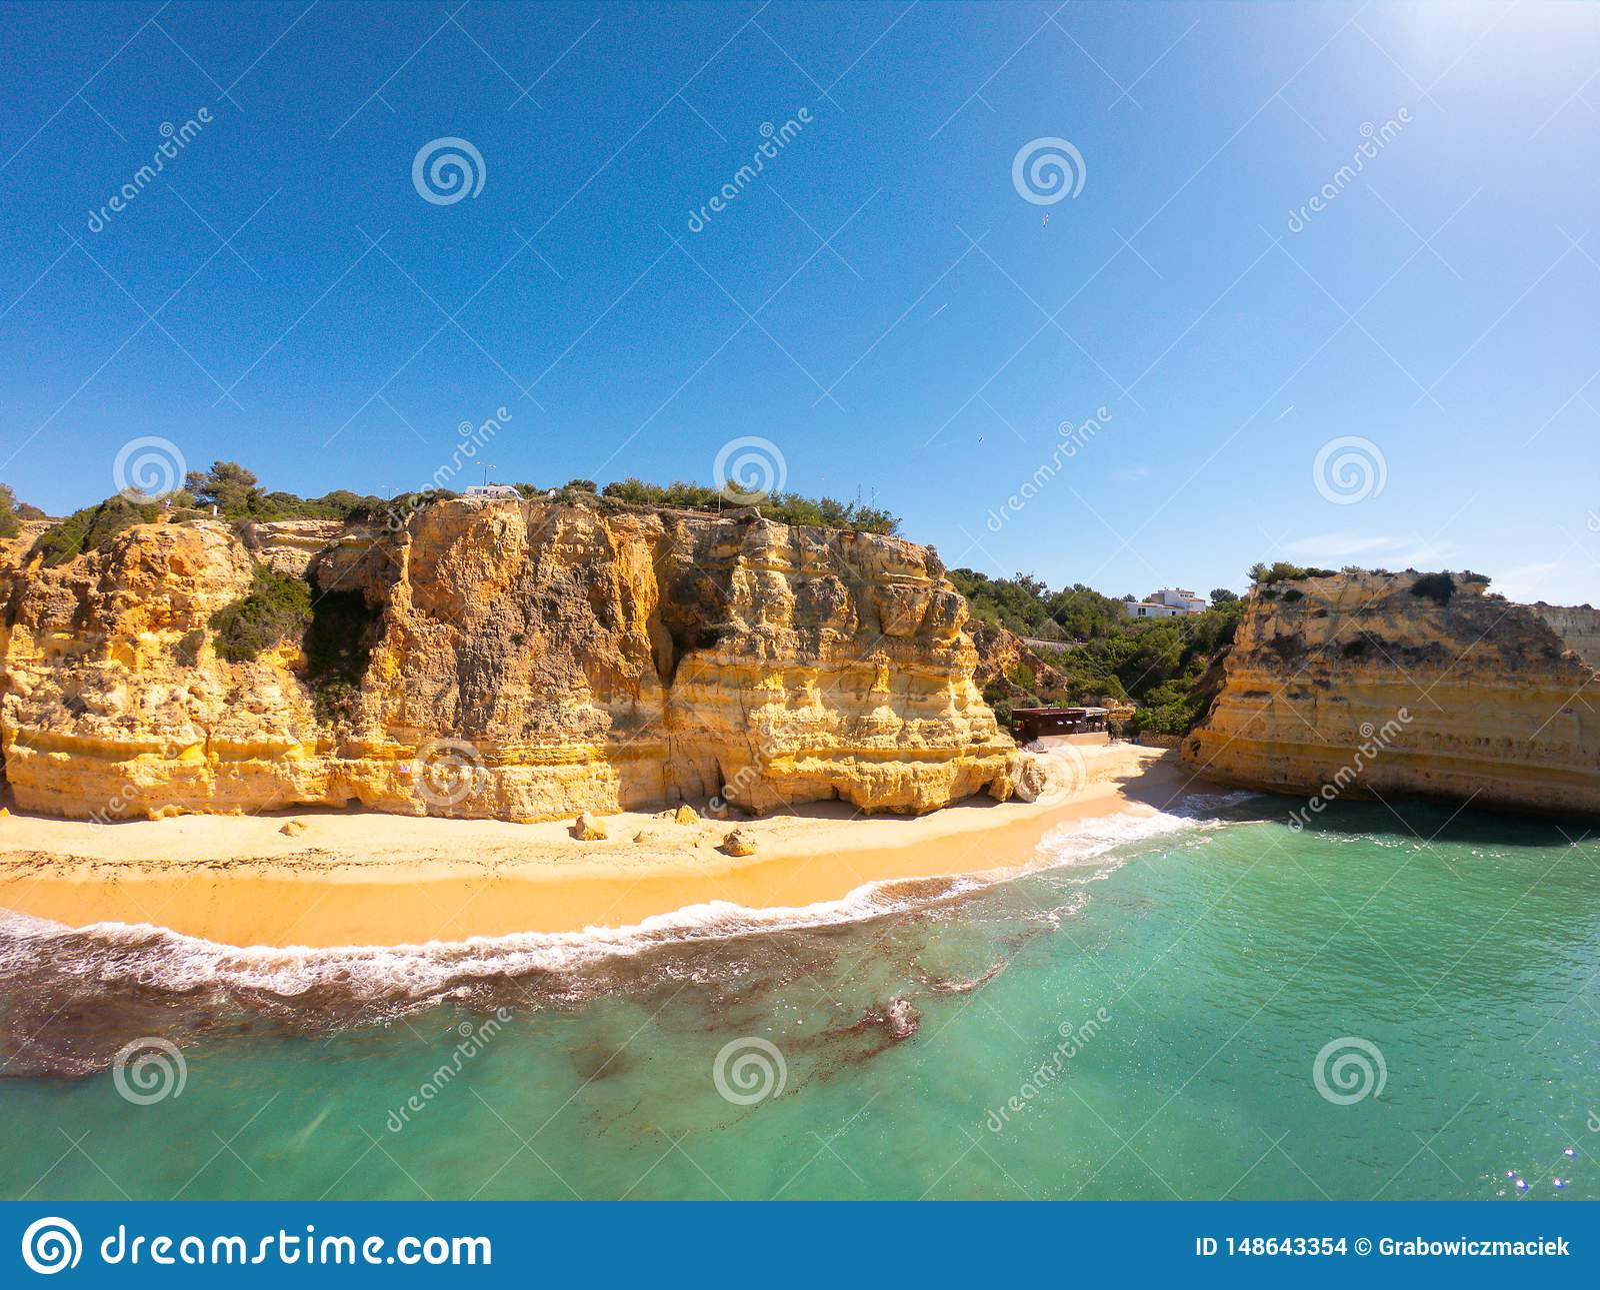 Praia De Marinha Najwi?cej pi?kna pla?a w Lagoa, Algarve Portugalia Widok z lotu ptaka na falezach i wybrze?u Atlantycki ocean